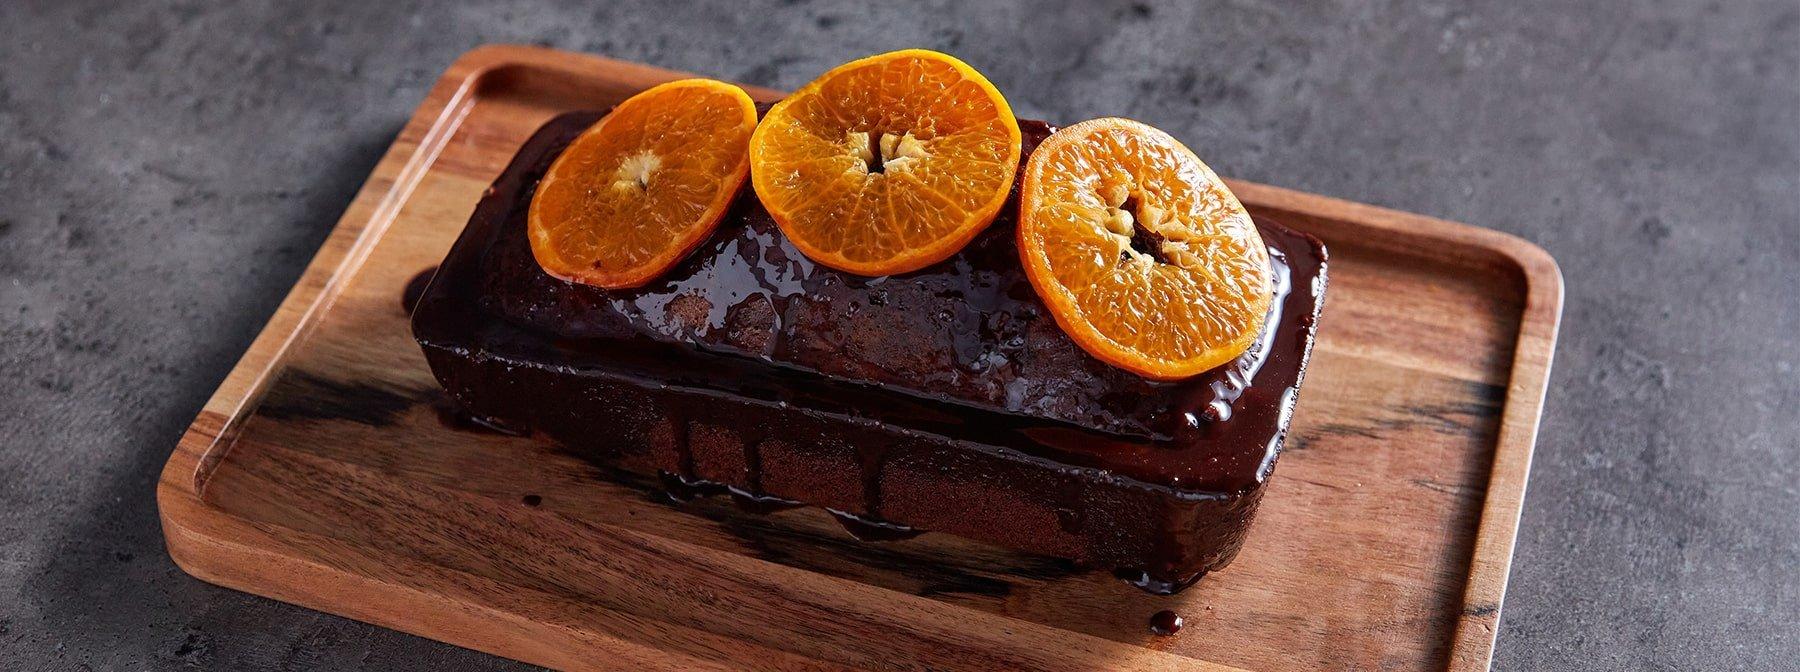 Шоколадно-апельсиновый протеиновый кекс